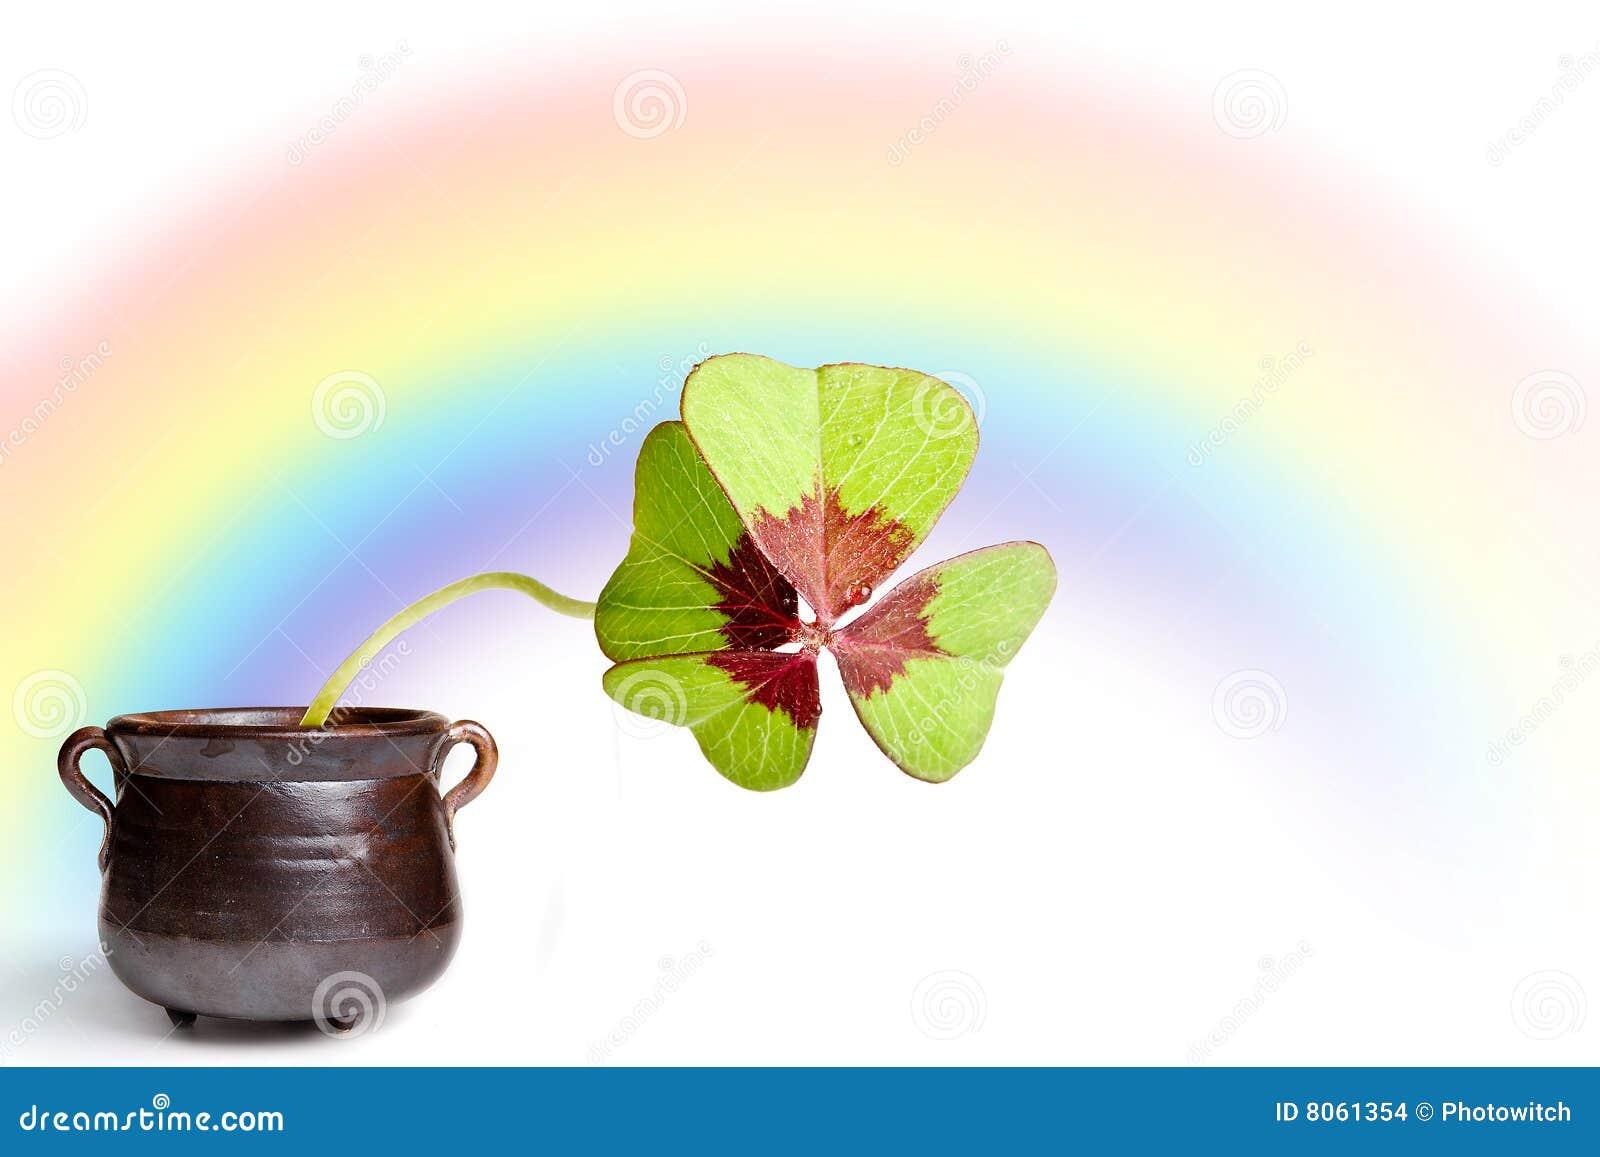 Pot Of Luck